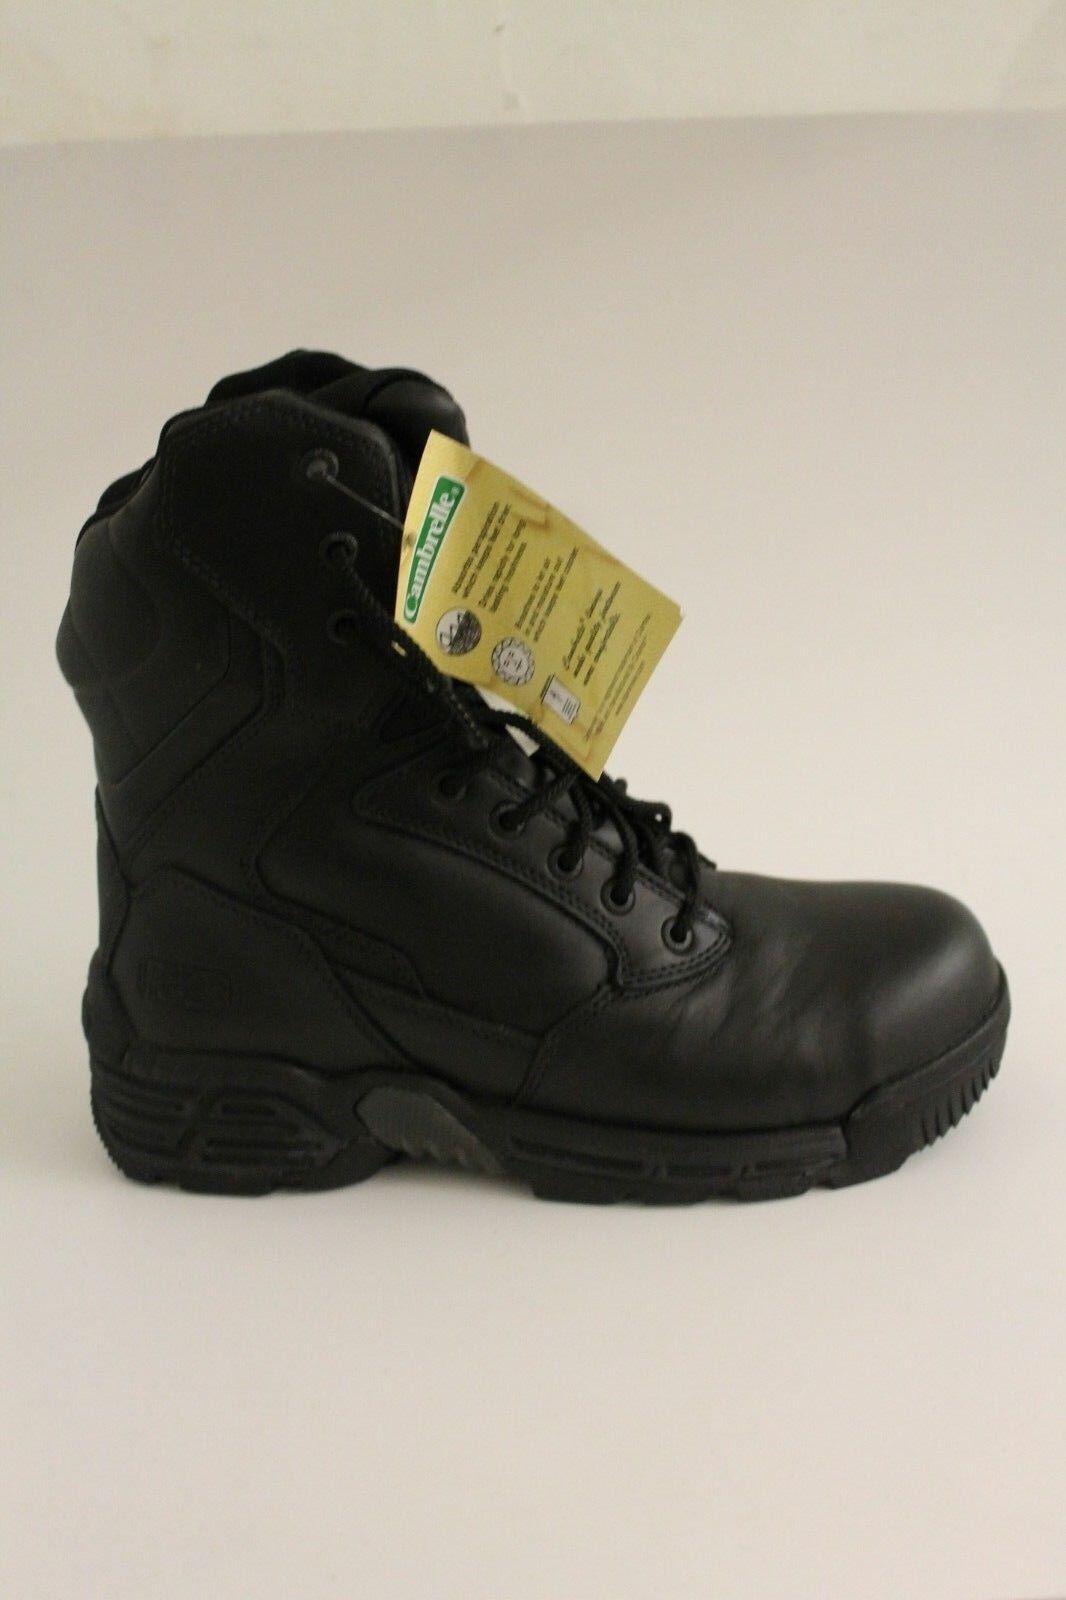 Magnum Stealth Force 8.0 Cuero CT CP Seguridad botas Slip resistente al aceite para hombre 8In